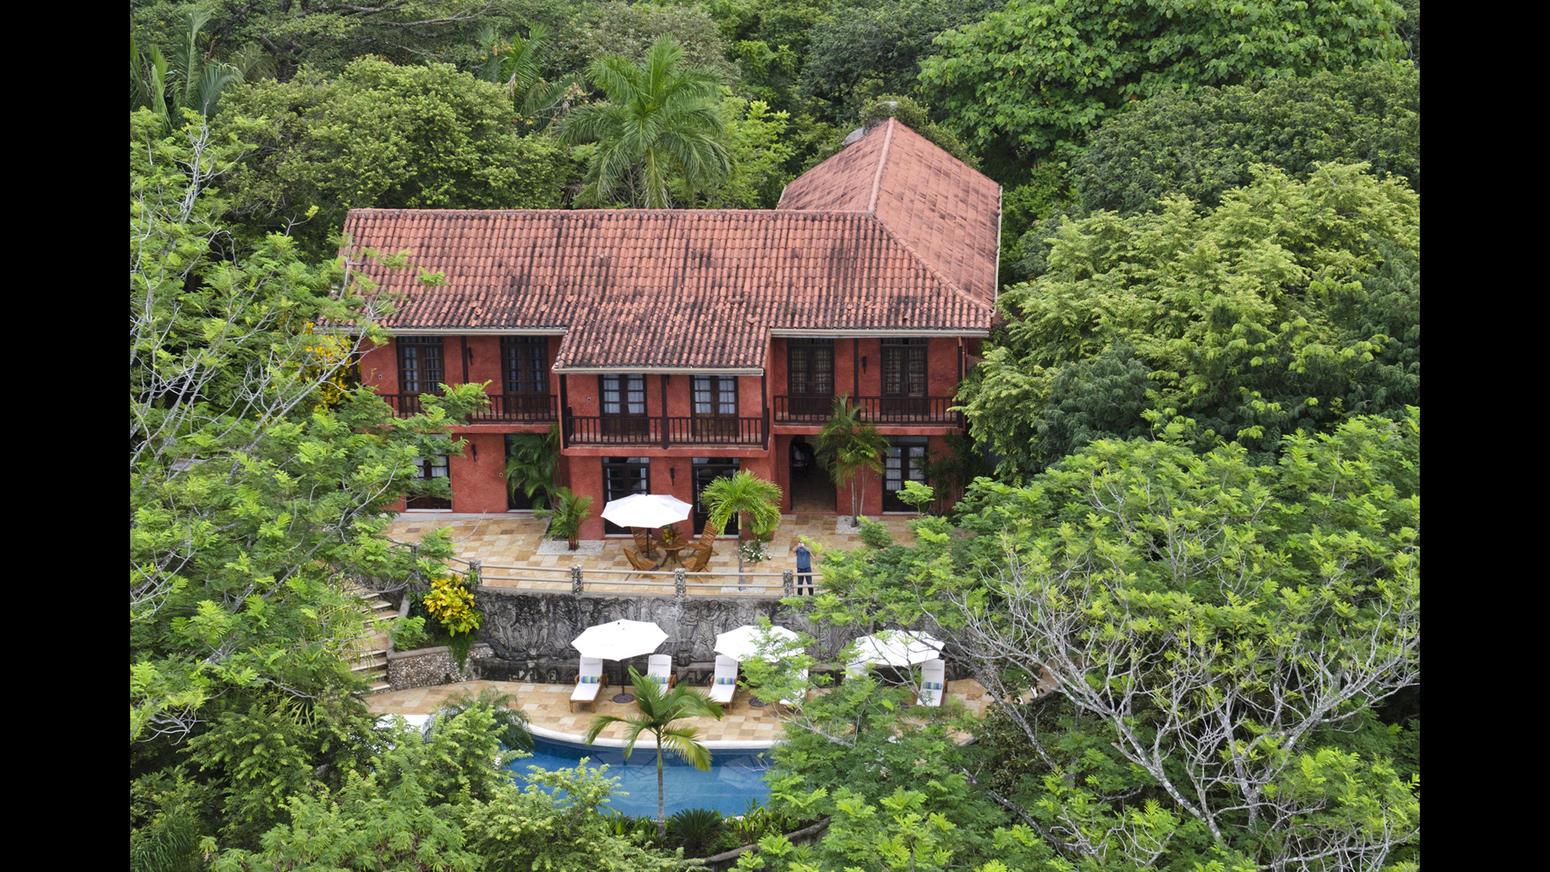 In vendita la villa nella giungla del costa rica di mel gibson for Case ben arredate